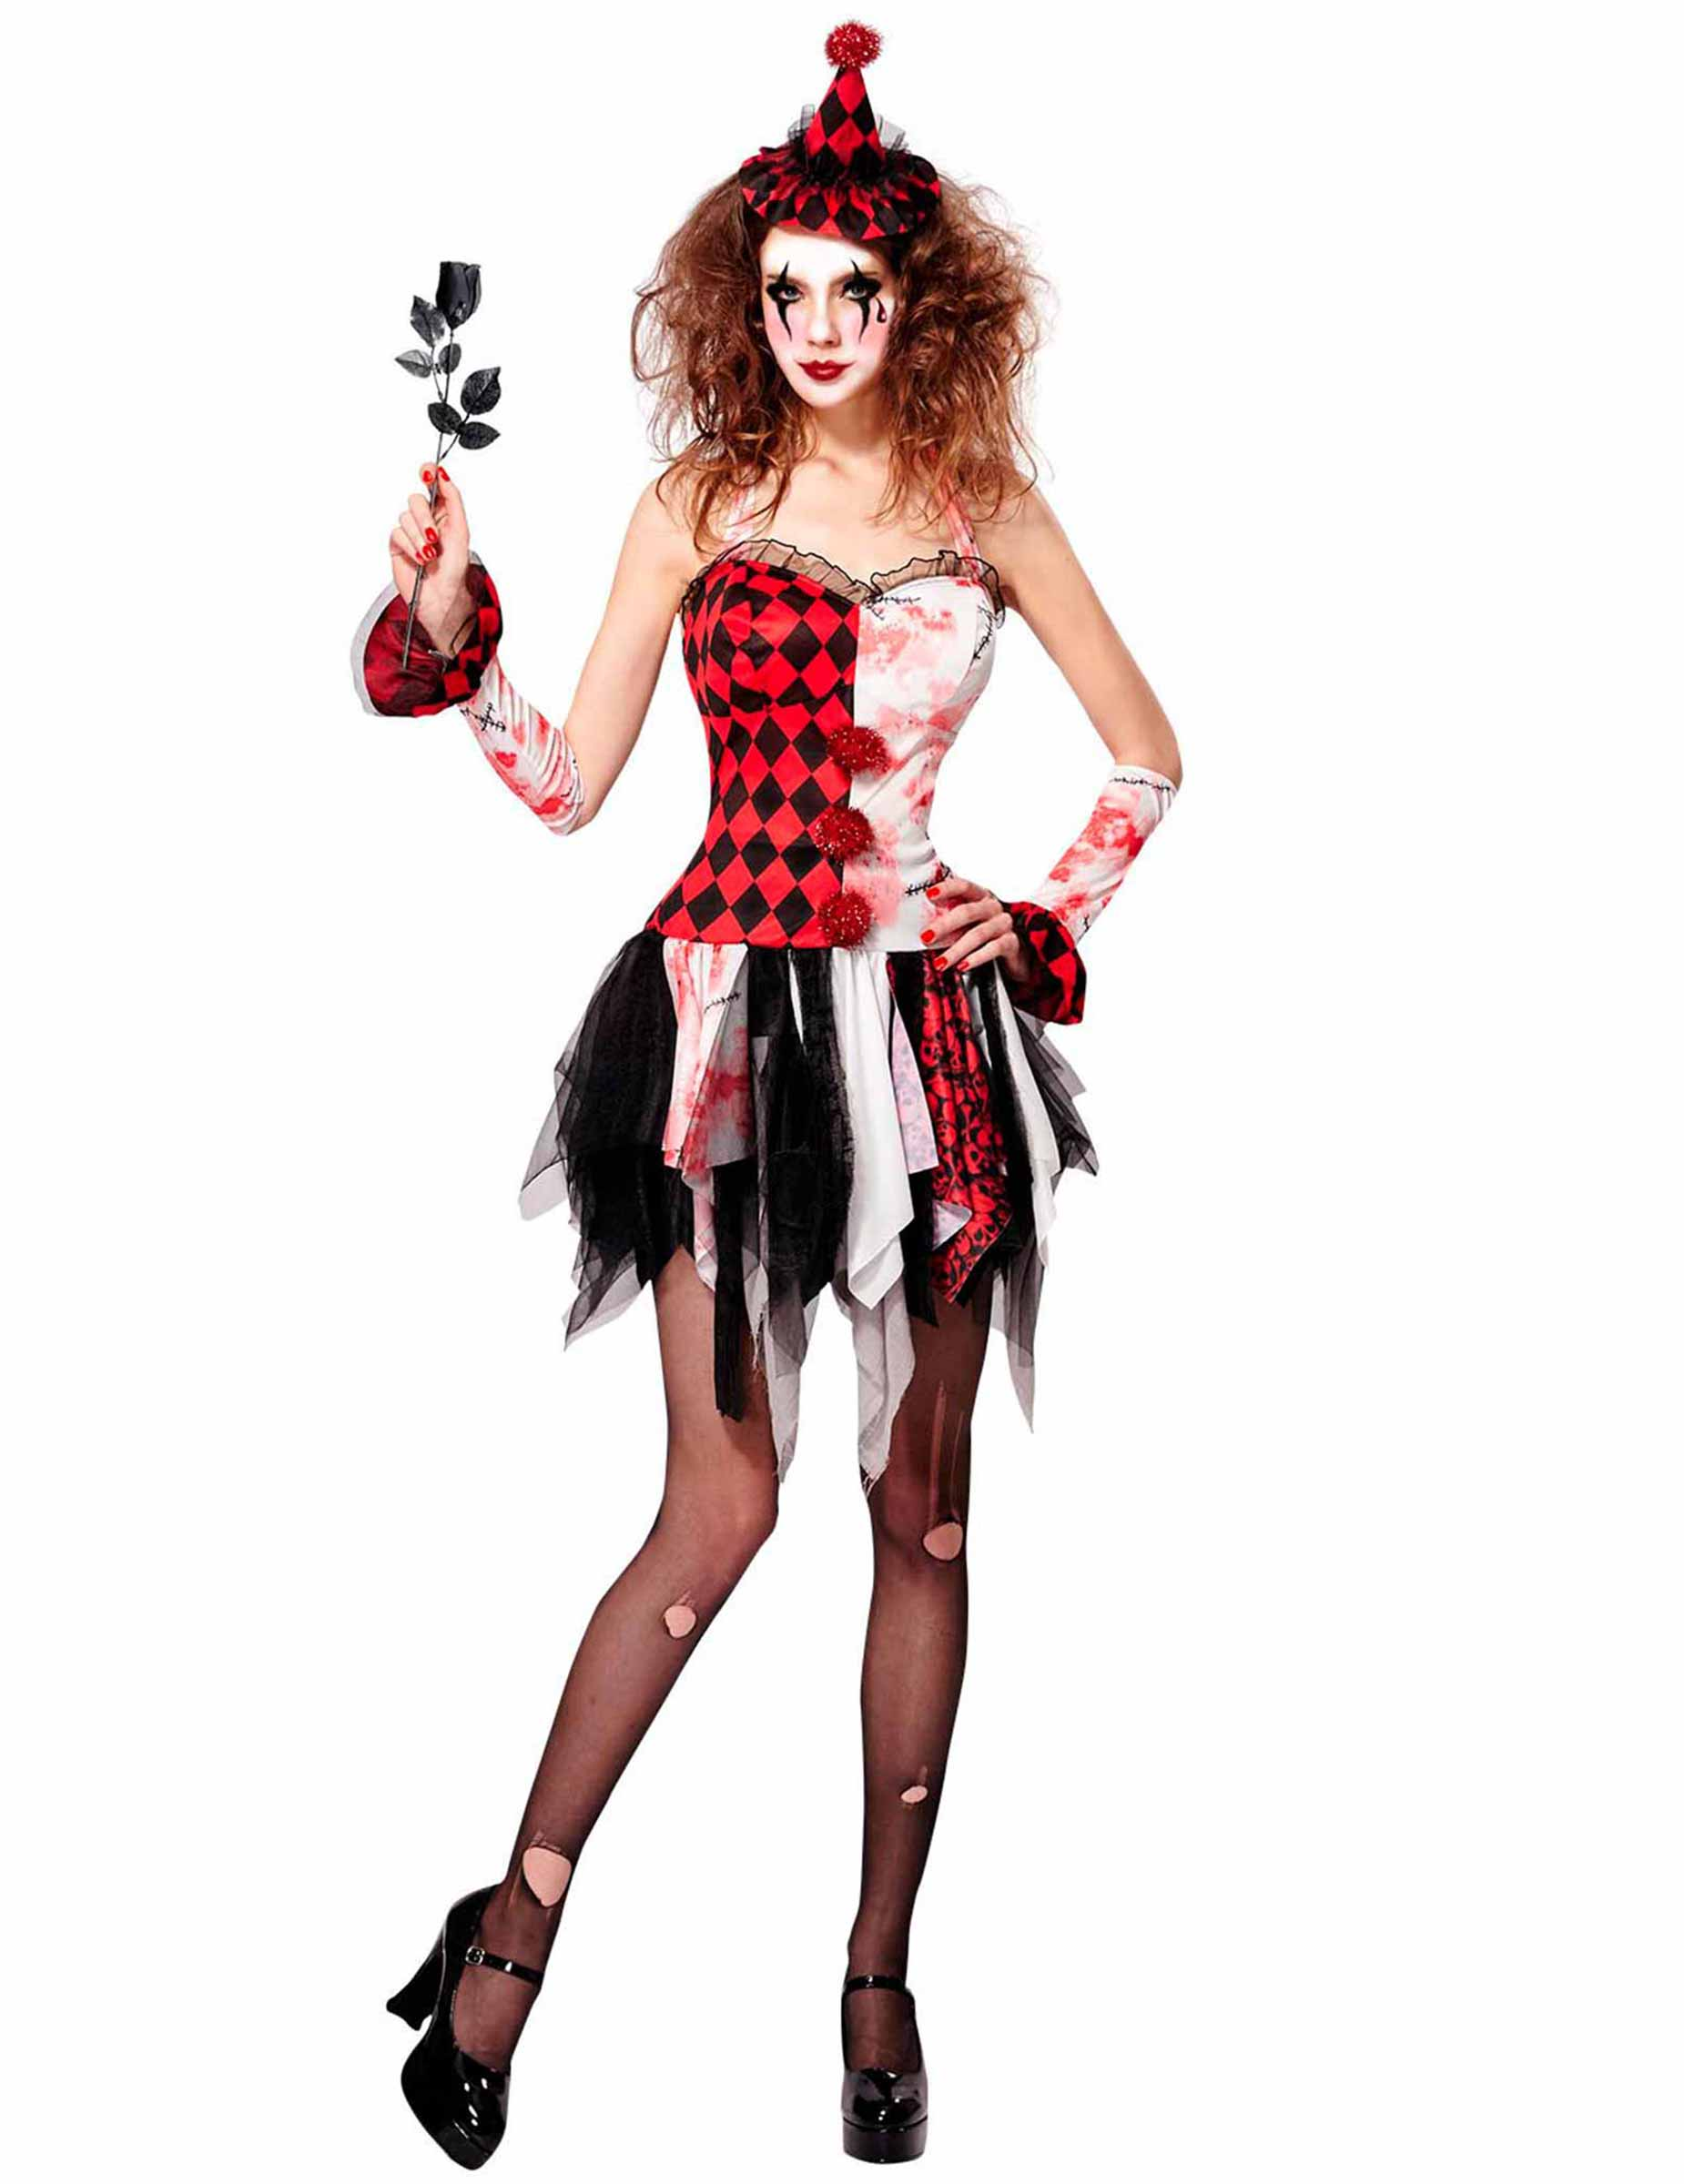 Enge Kostuums Halloween.Enge Harlekijn Kostuum Voor Vrouwen